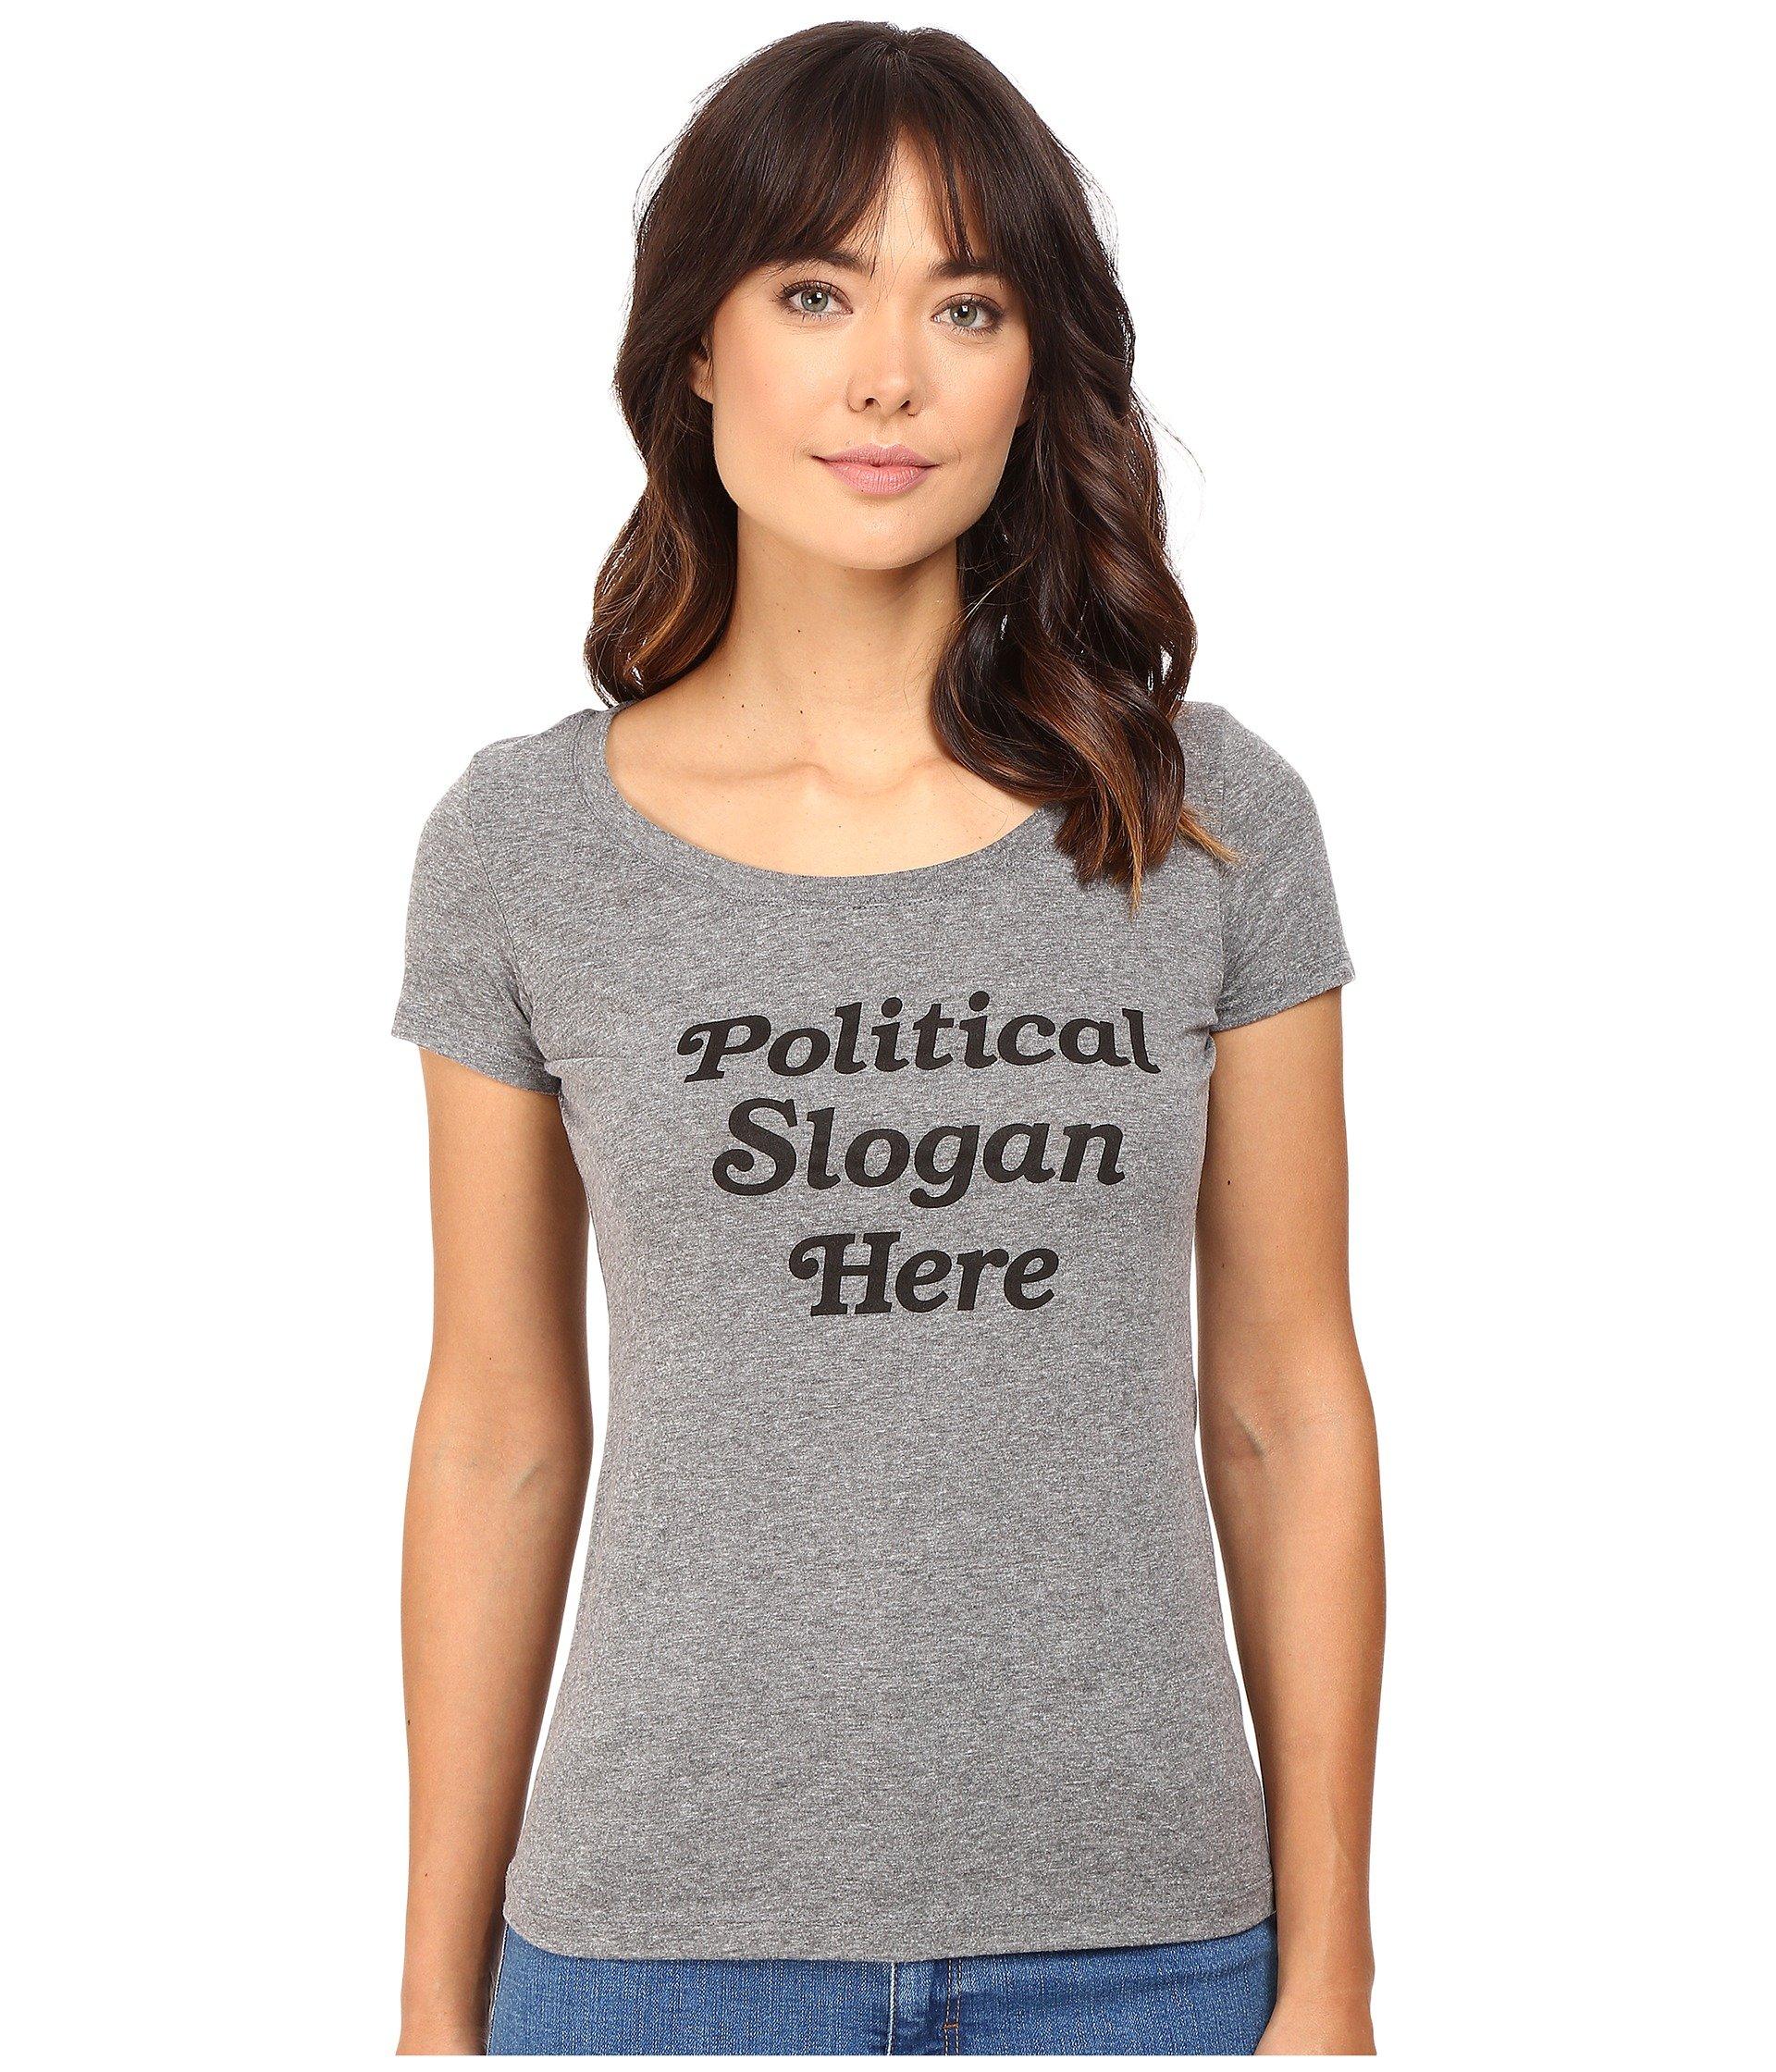 RACHEL ANTONOFF Political Slogan Here Scoop Neck Tee, Heather Grey